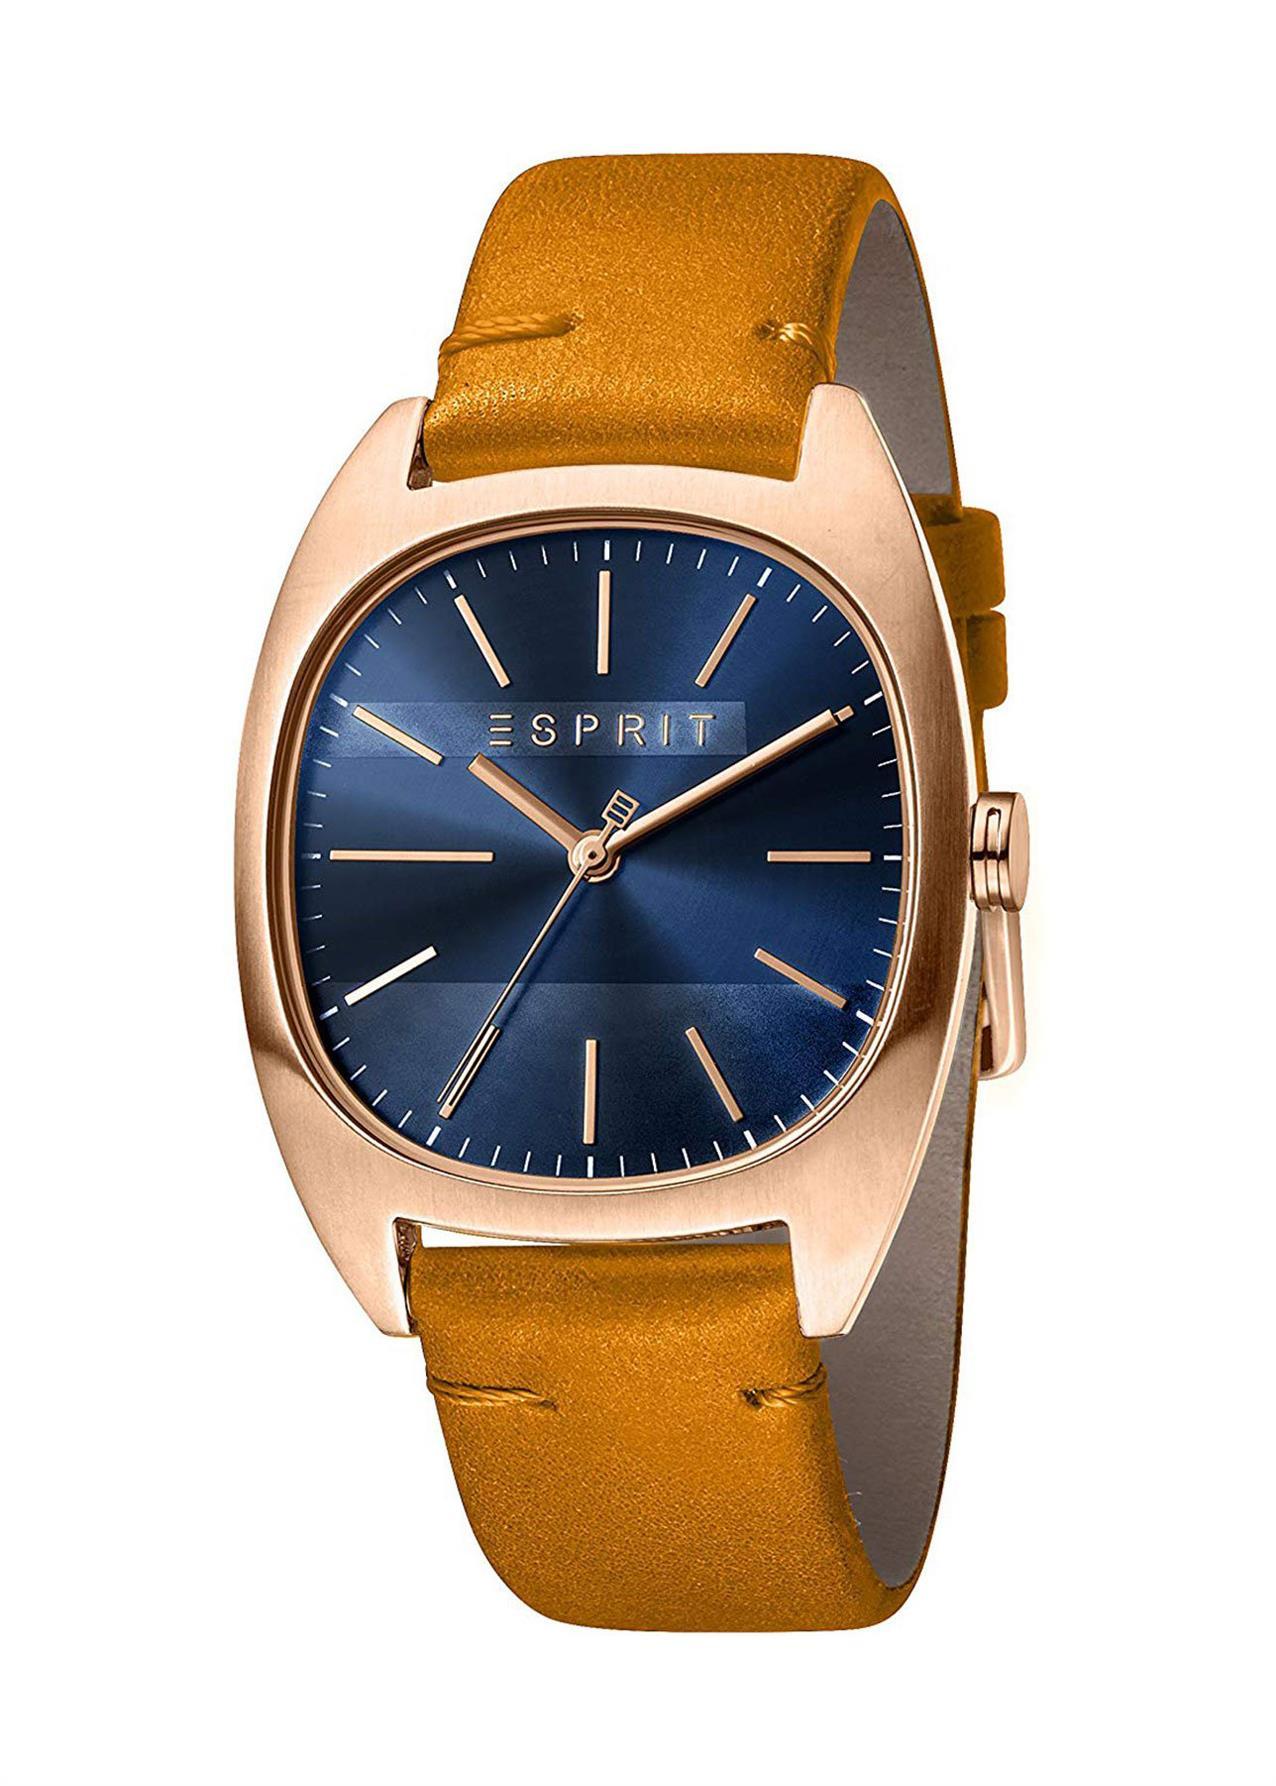 ESPRIT Mens Wrist Watch ES1G038L0055